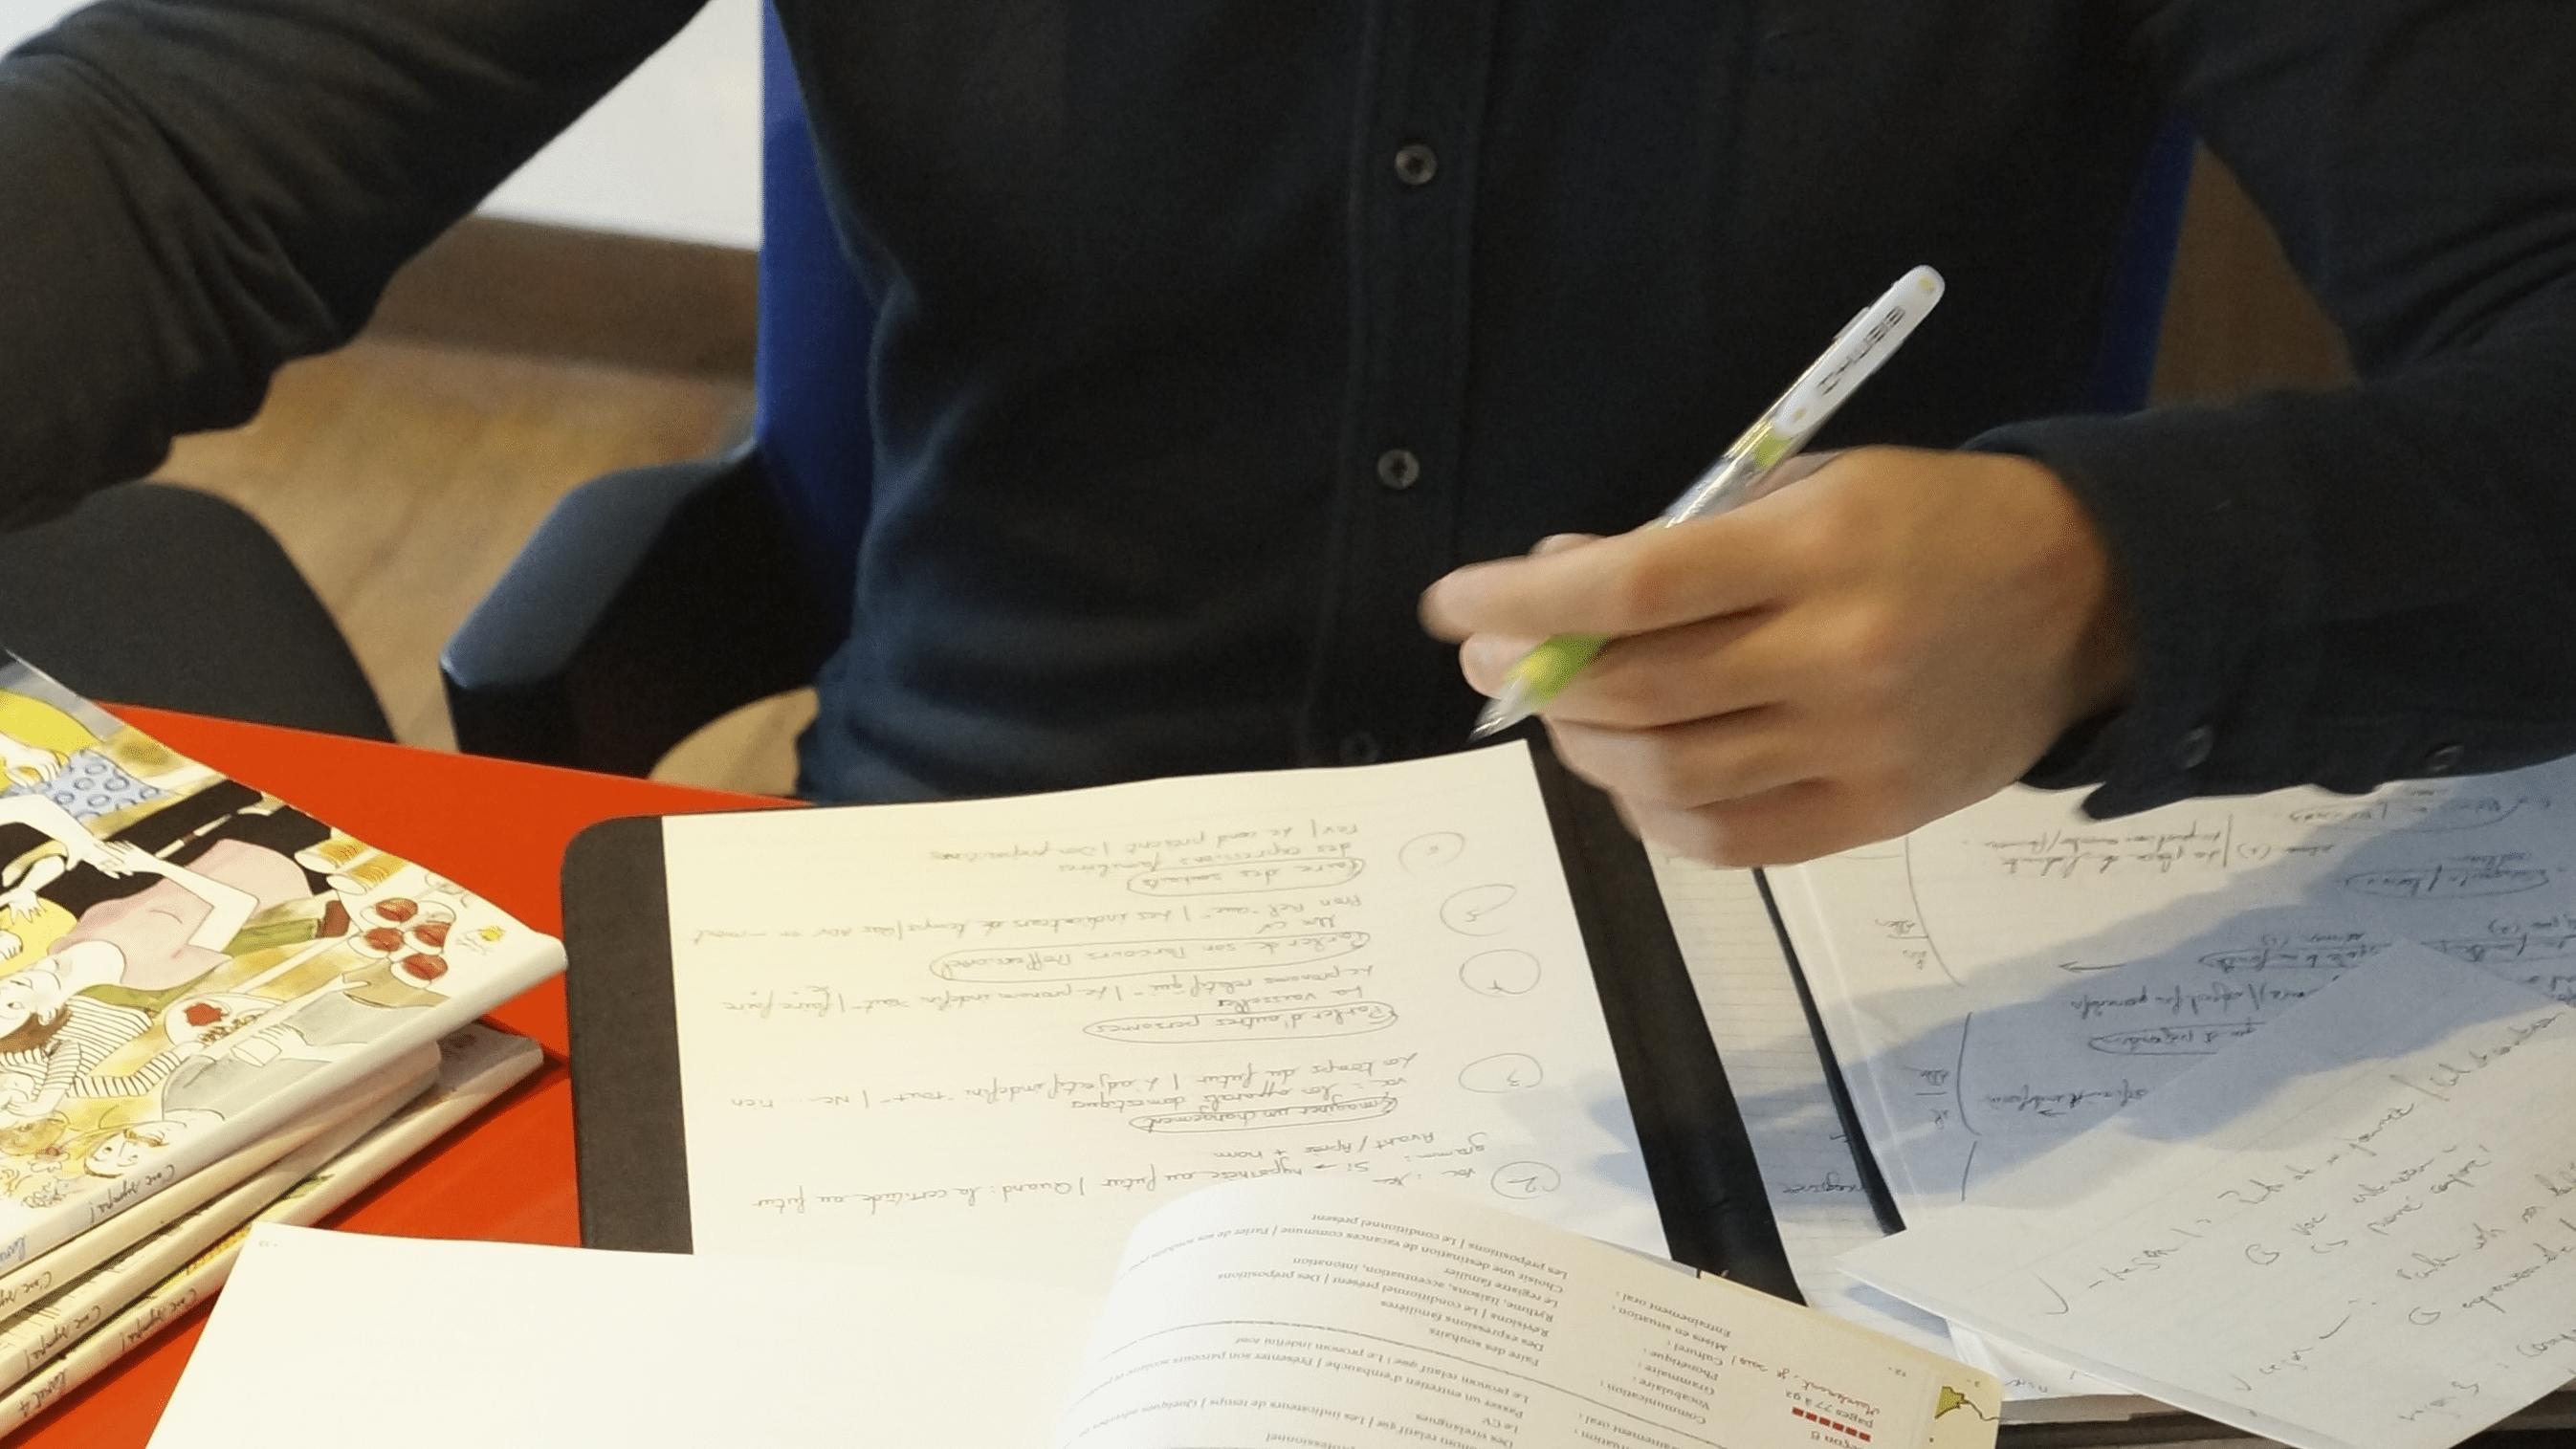 フランス語を独学で勉強する学習者